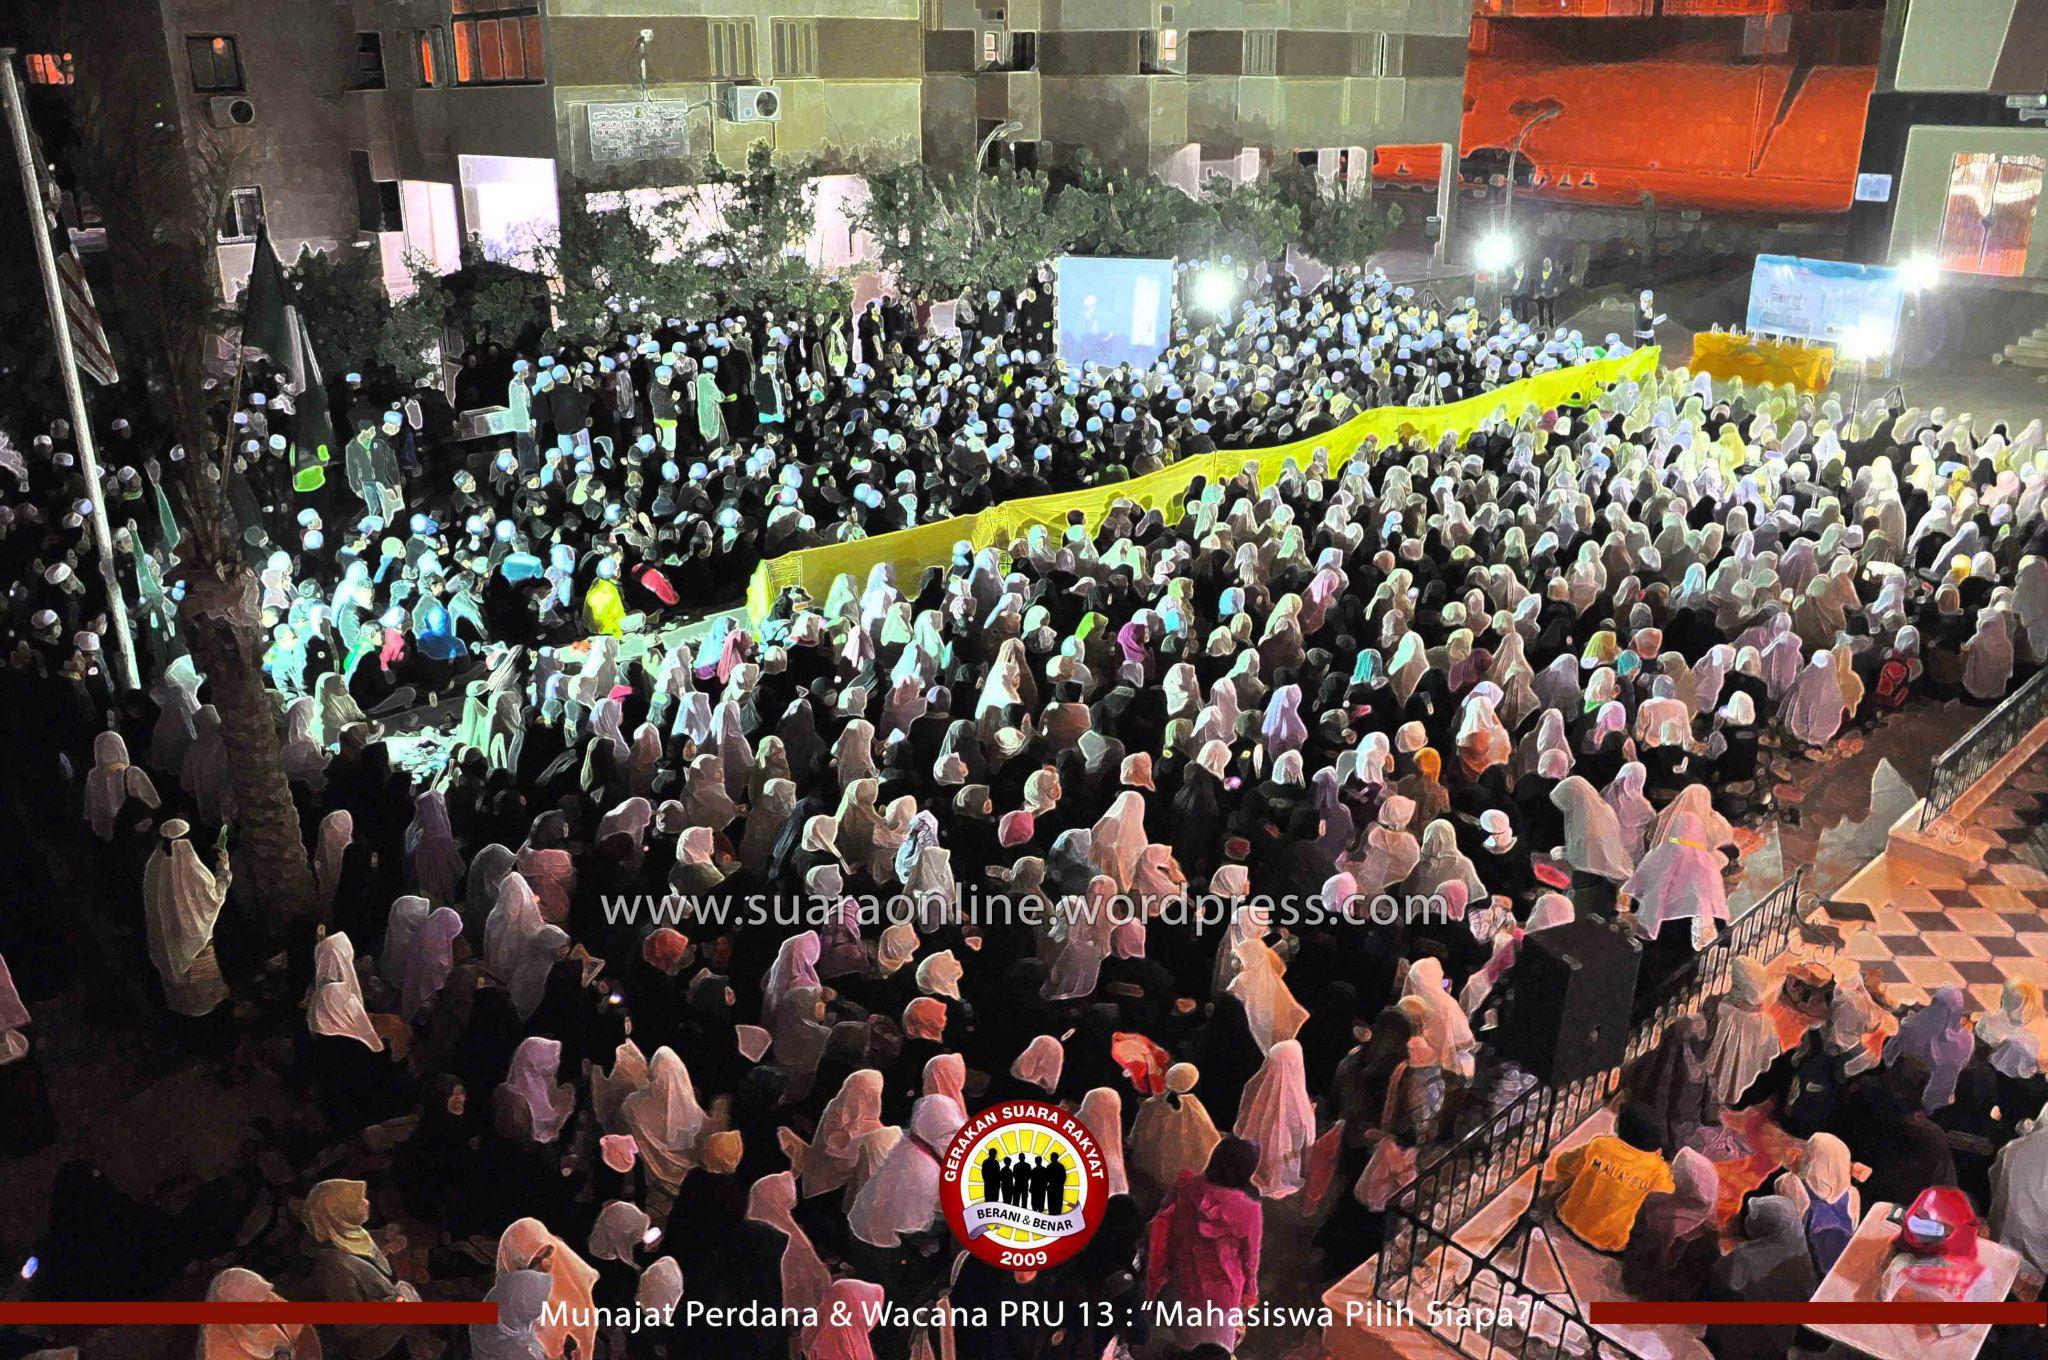 ISMA-Mesir sambut baik sikap keterbukaan mahasiswa Mesir